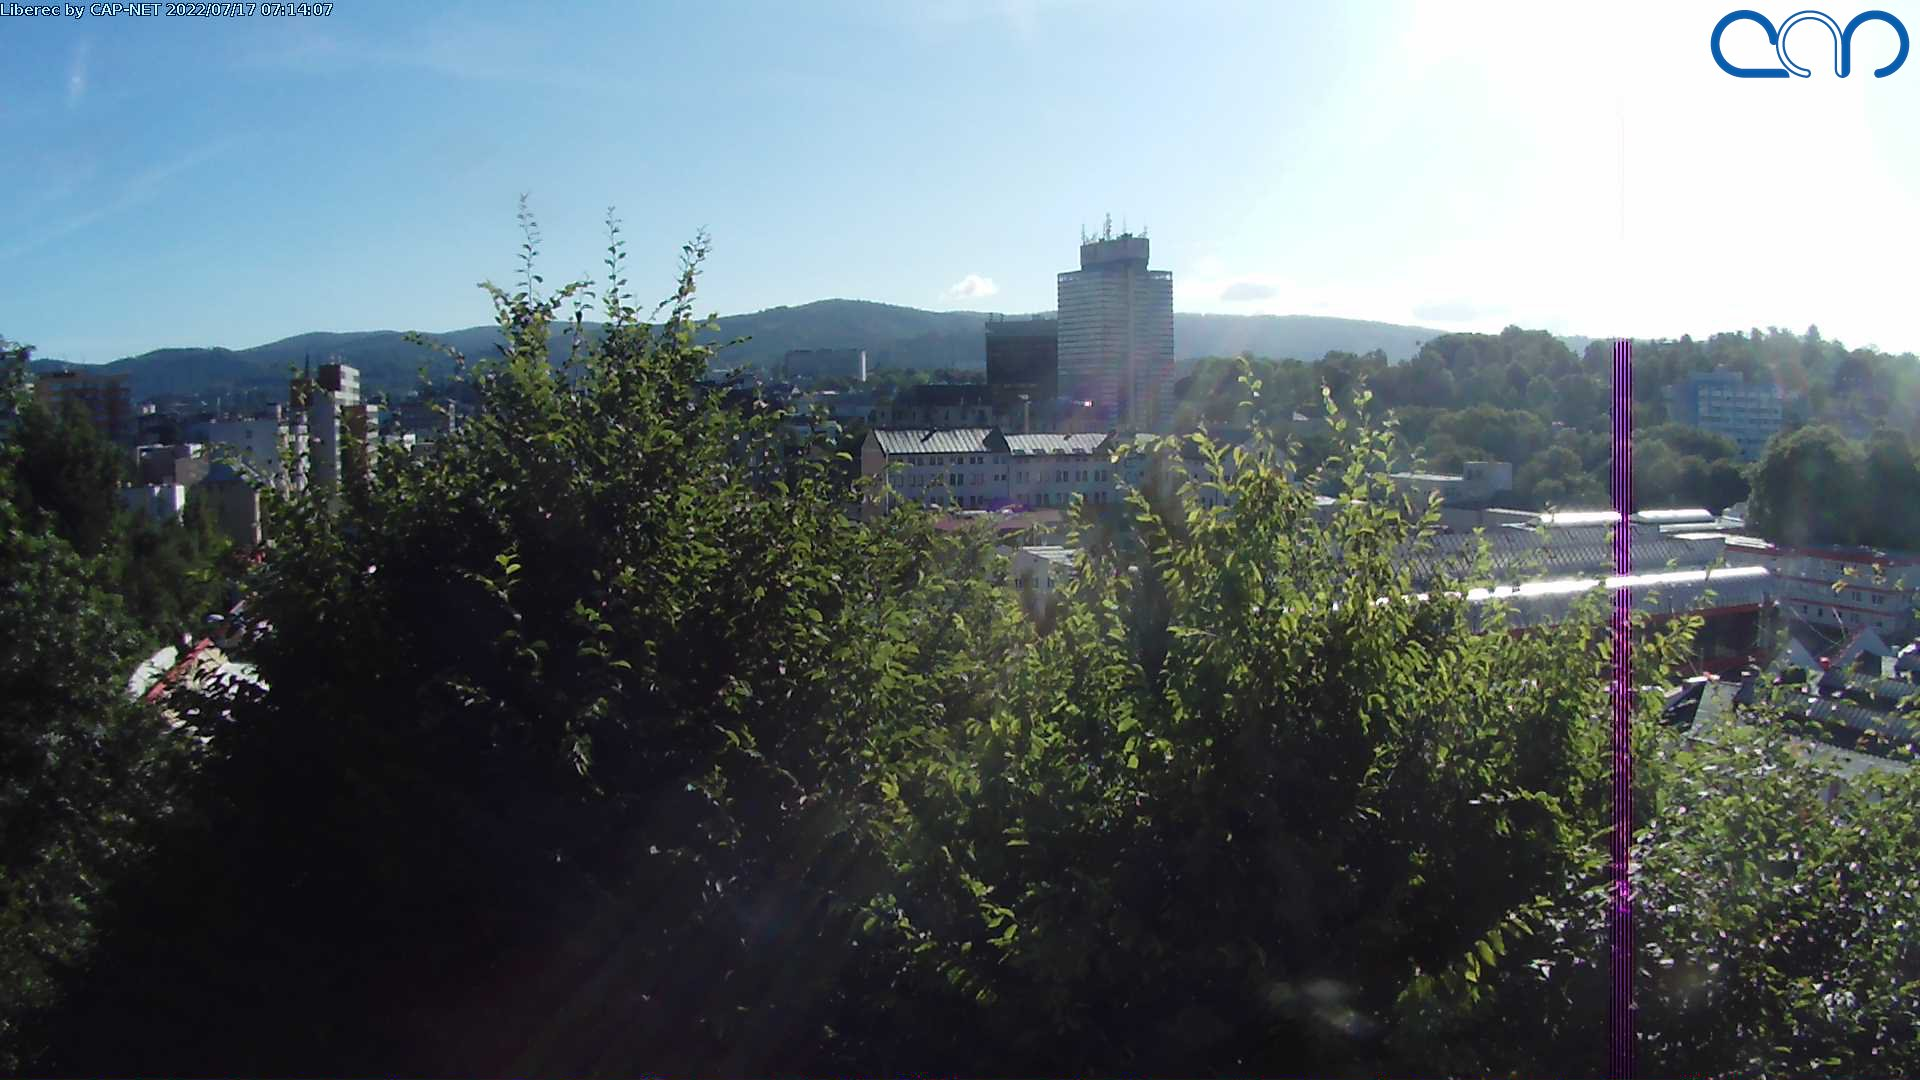 Webcam Skigebiet Liberec Ort - Isergebirge